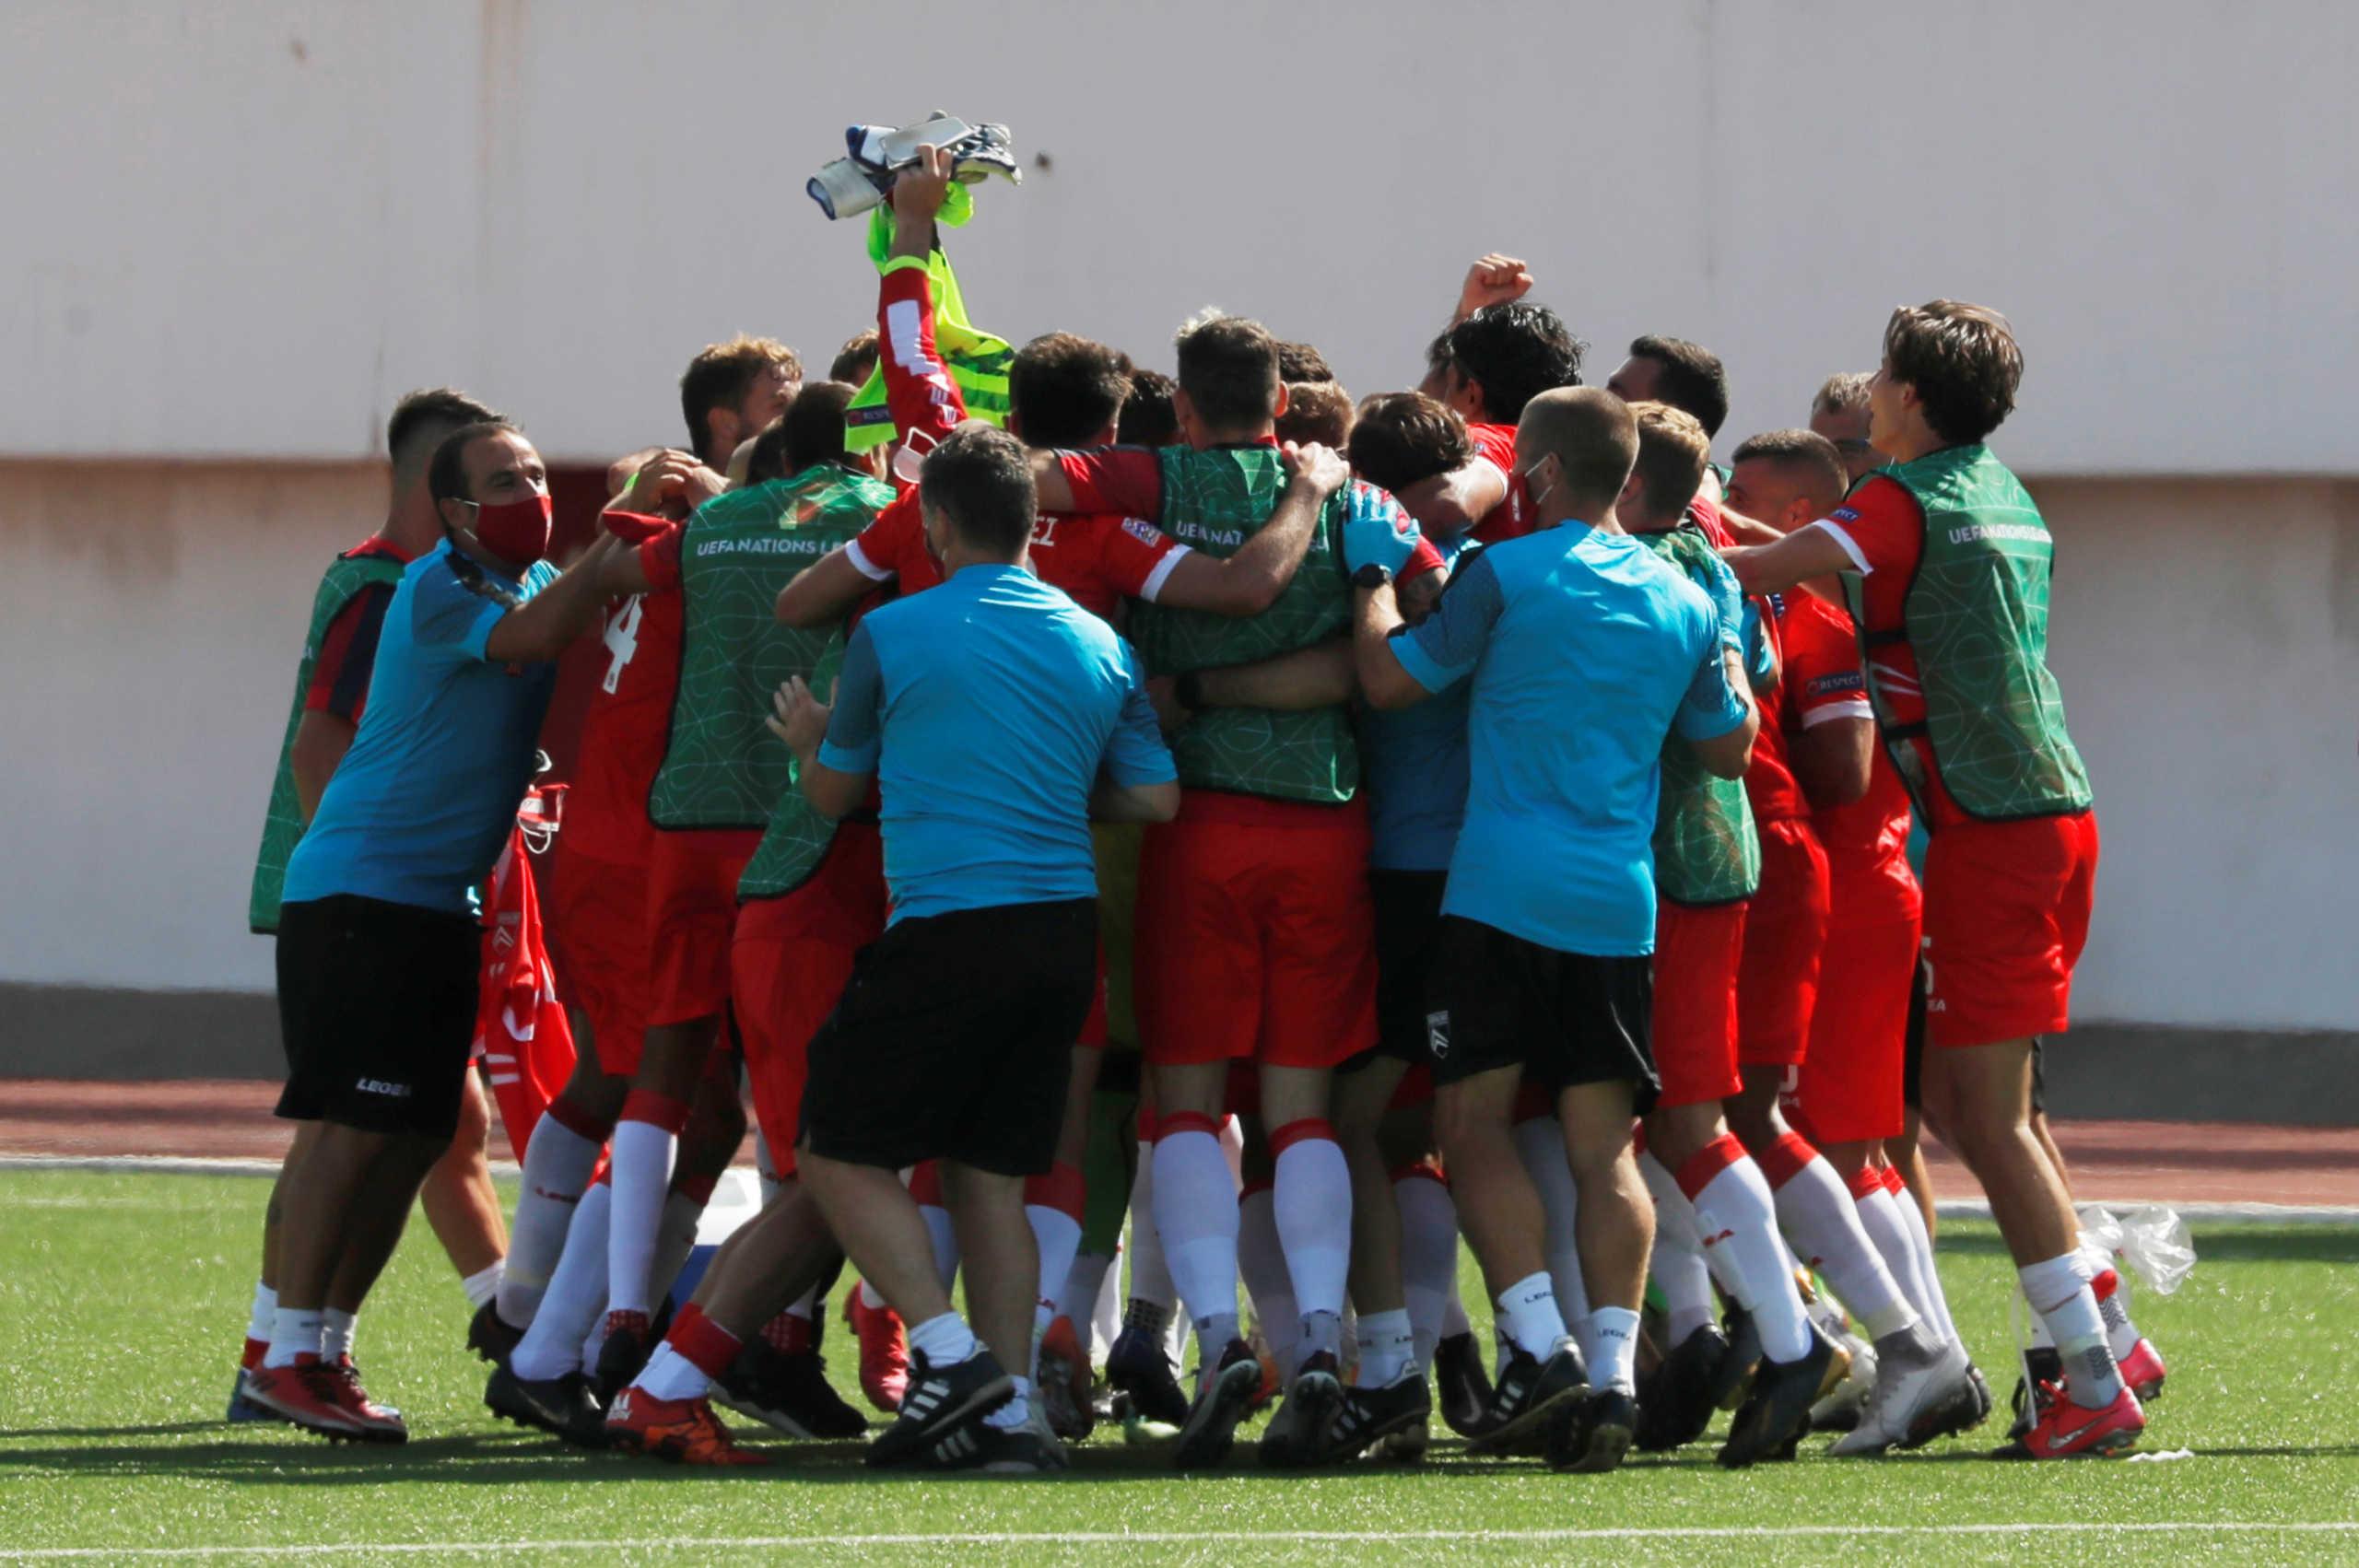 Nations League: Νίκη μετά από δύο χρόνια για το Γιβραλτάρ!